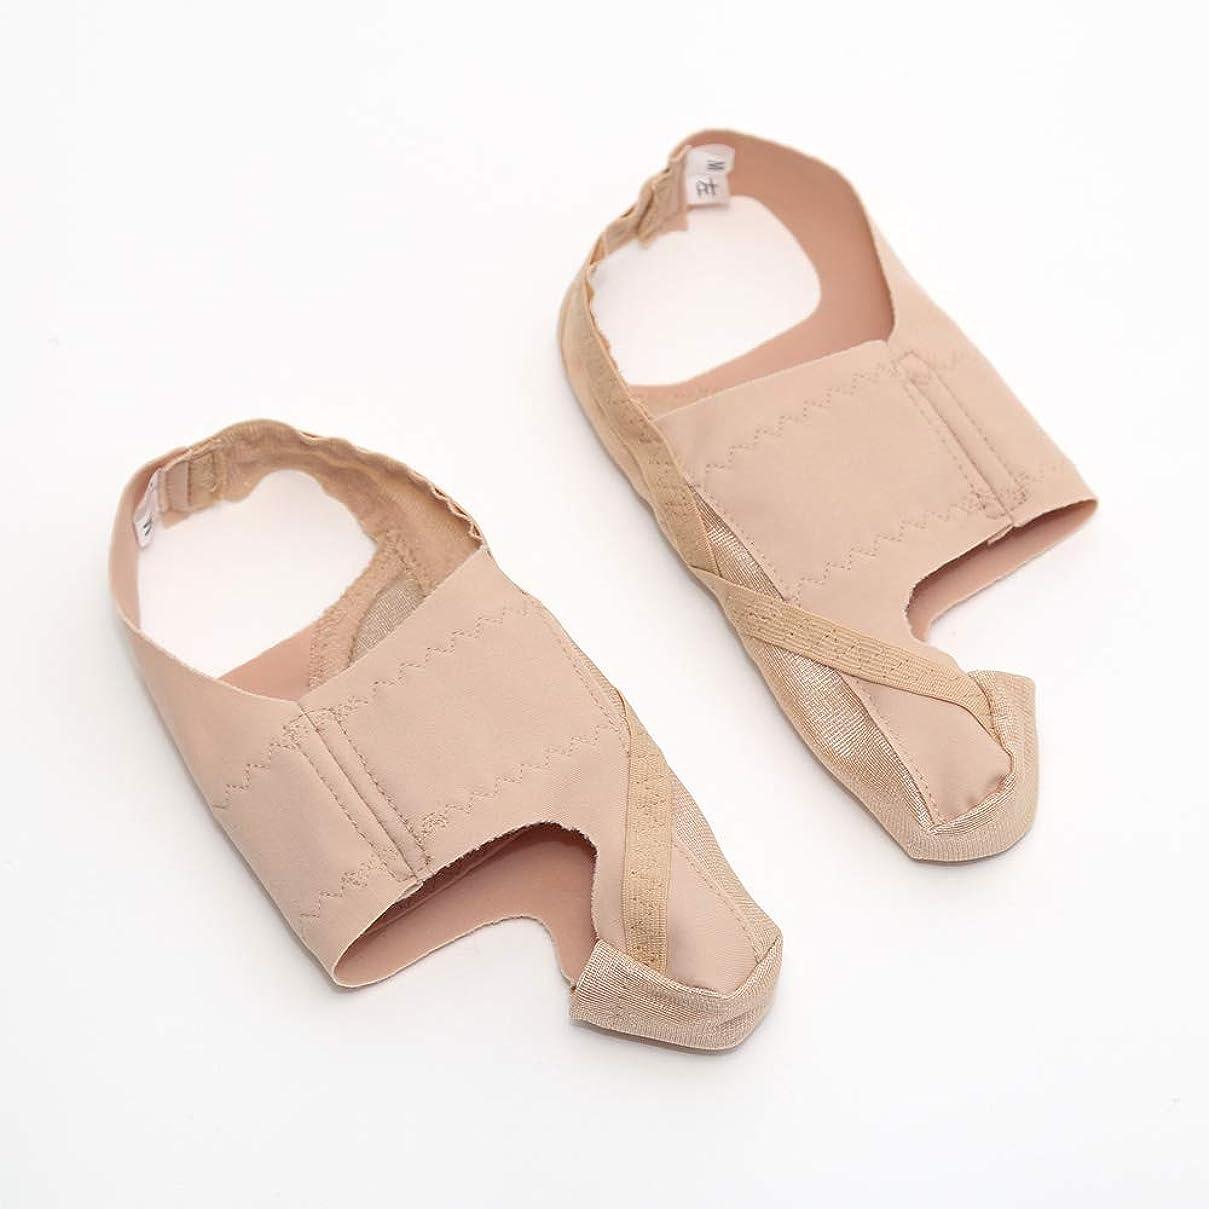 フライカイト家揺れる靴も履けるんデス EX Mサイズ コエンザイムQ10 美容エッセンスマスク付セット